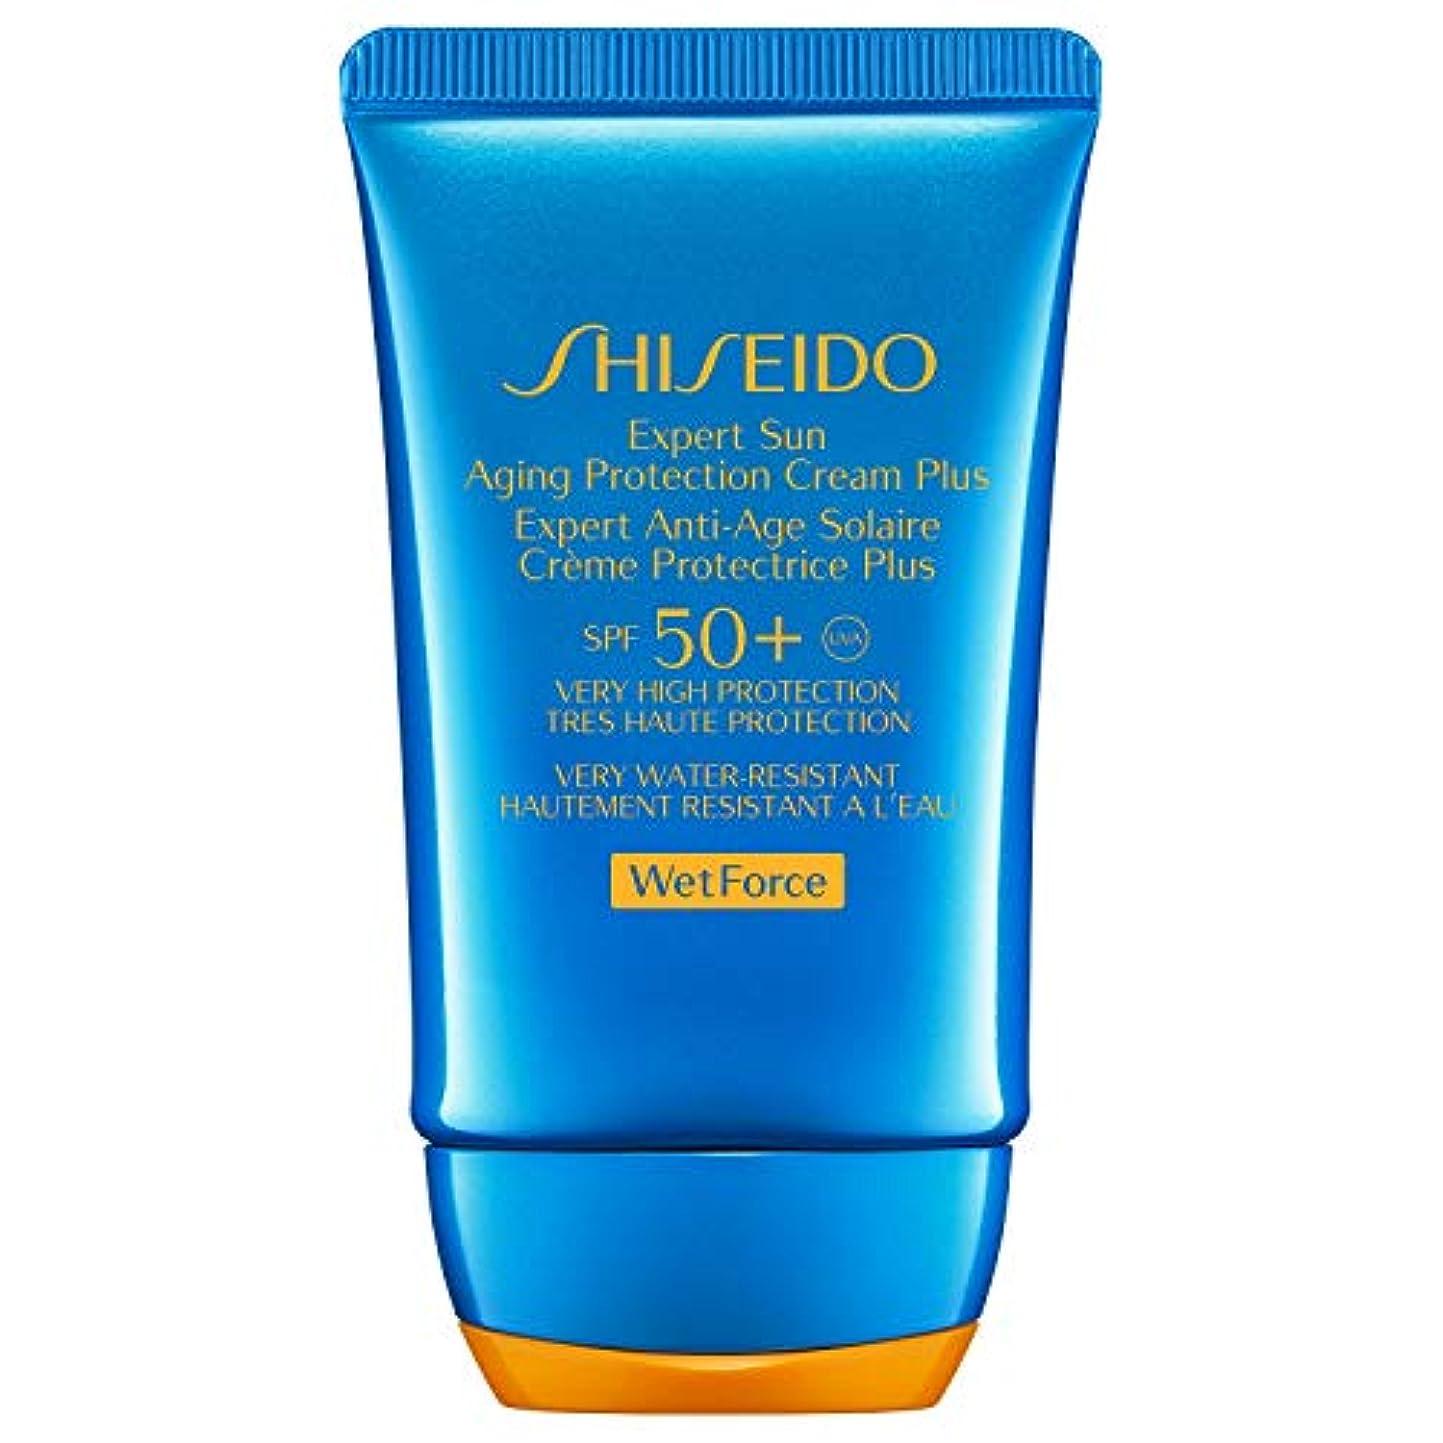 奨学金優先権宴会[Shiseido] 保護ローションSpf 50 + 50ミリリットルを老化専門日Wetforce資生堂 - Shiseido Wetforce Expert Sun Aging Protection Lotion Spf...